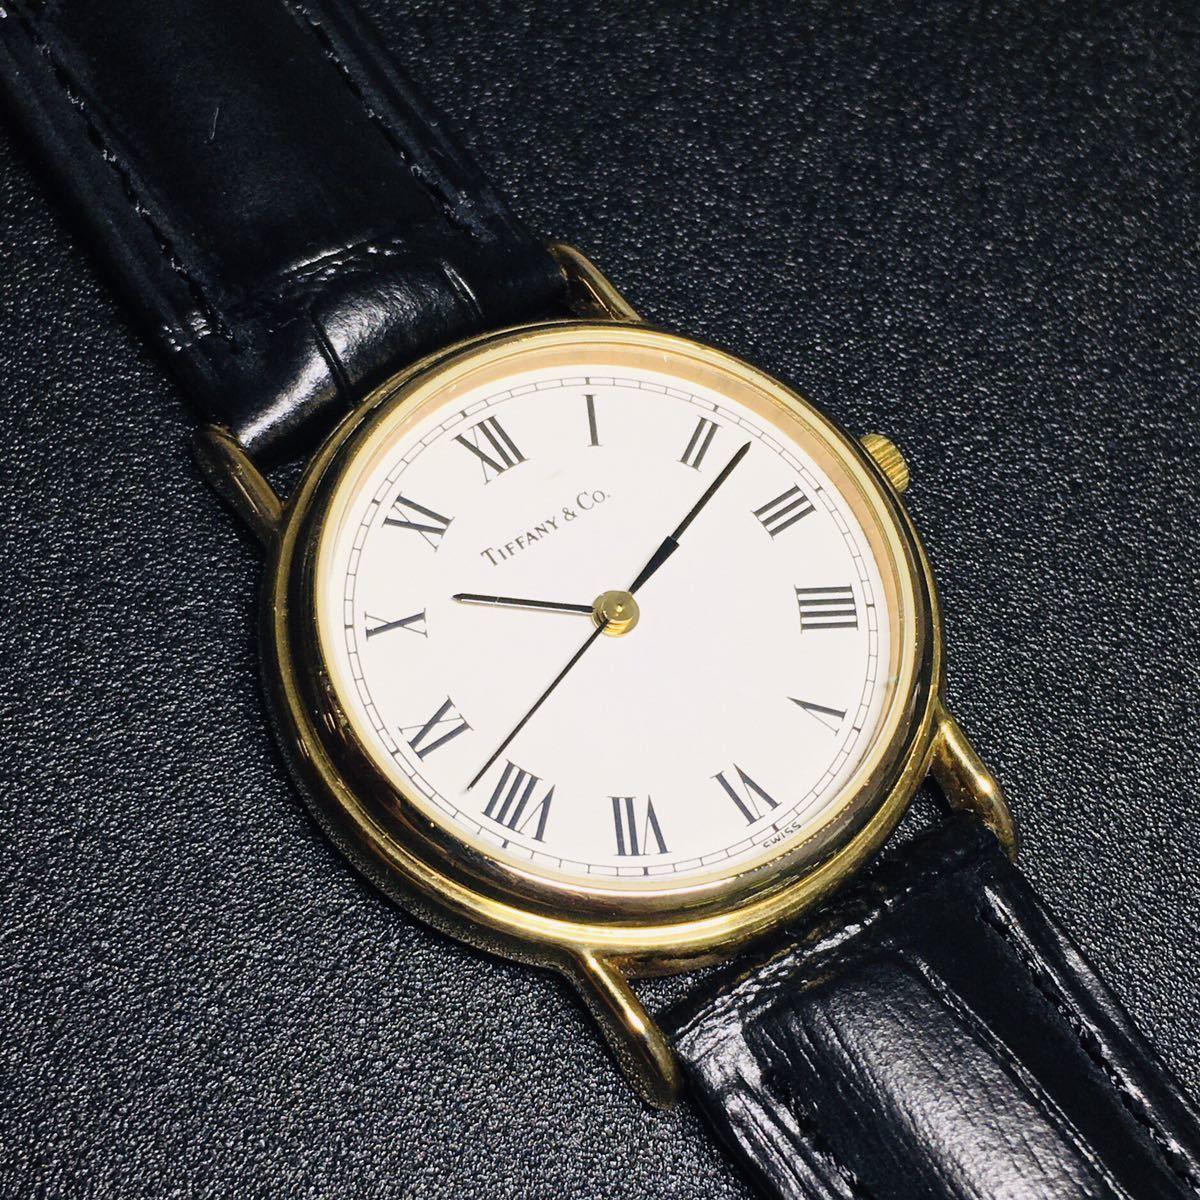 【美品 正規品】ティファニー 腕時計 ローマンインデックス ゴールド クラシック ラウンド レディース 【2005Ti36】_画像5